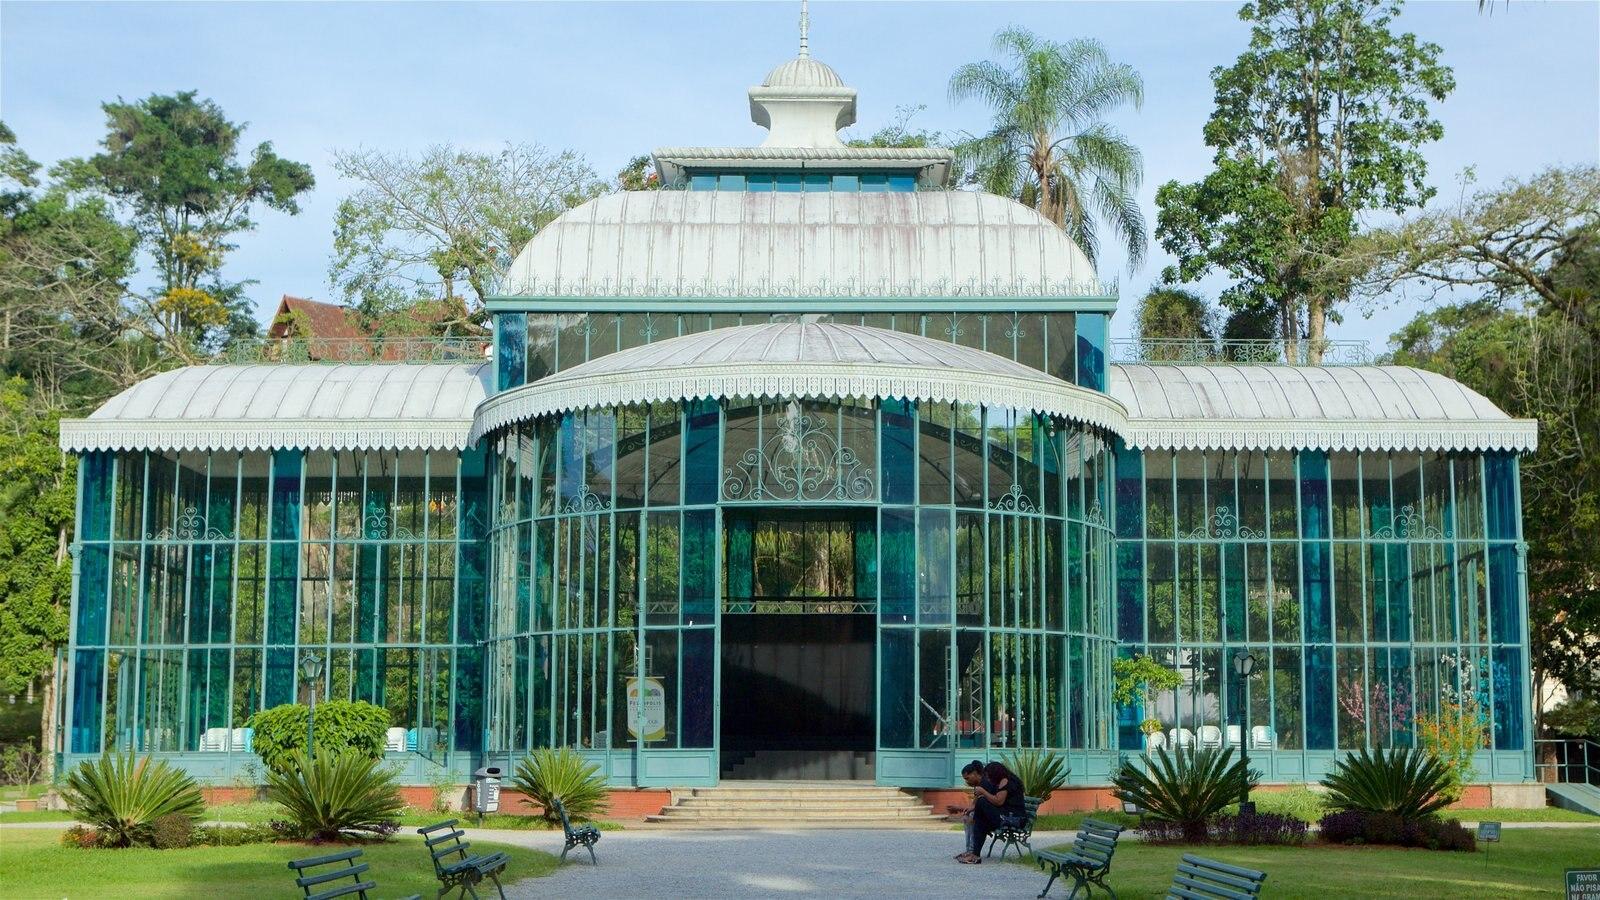 Palácio de Cristal que inclui um jardim e arquitetura moderna